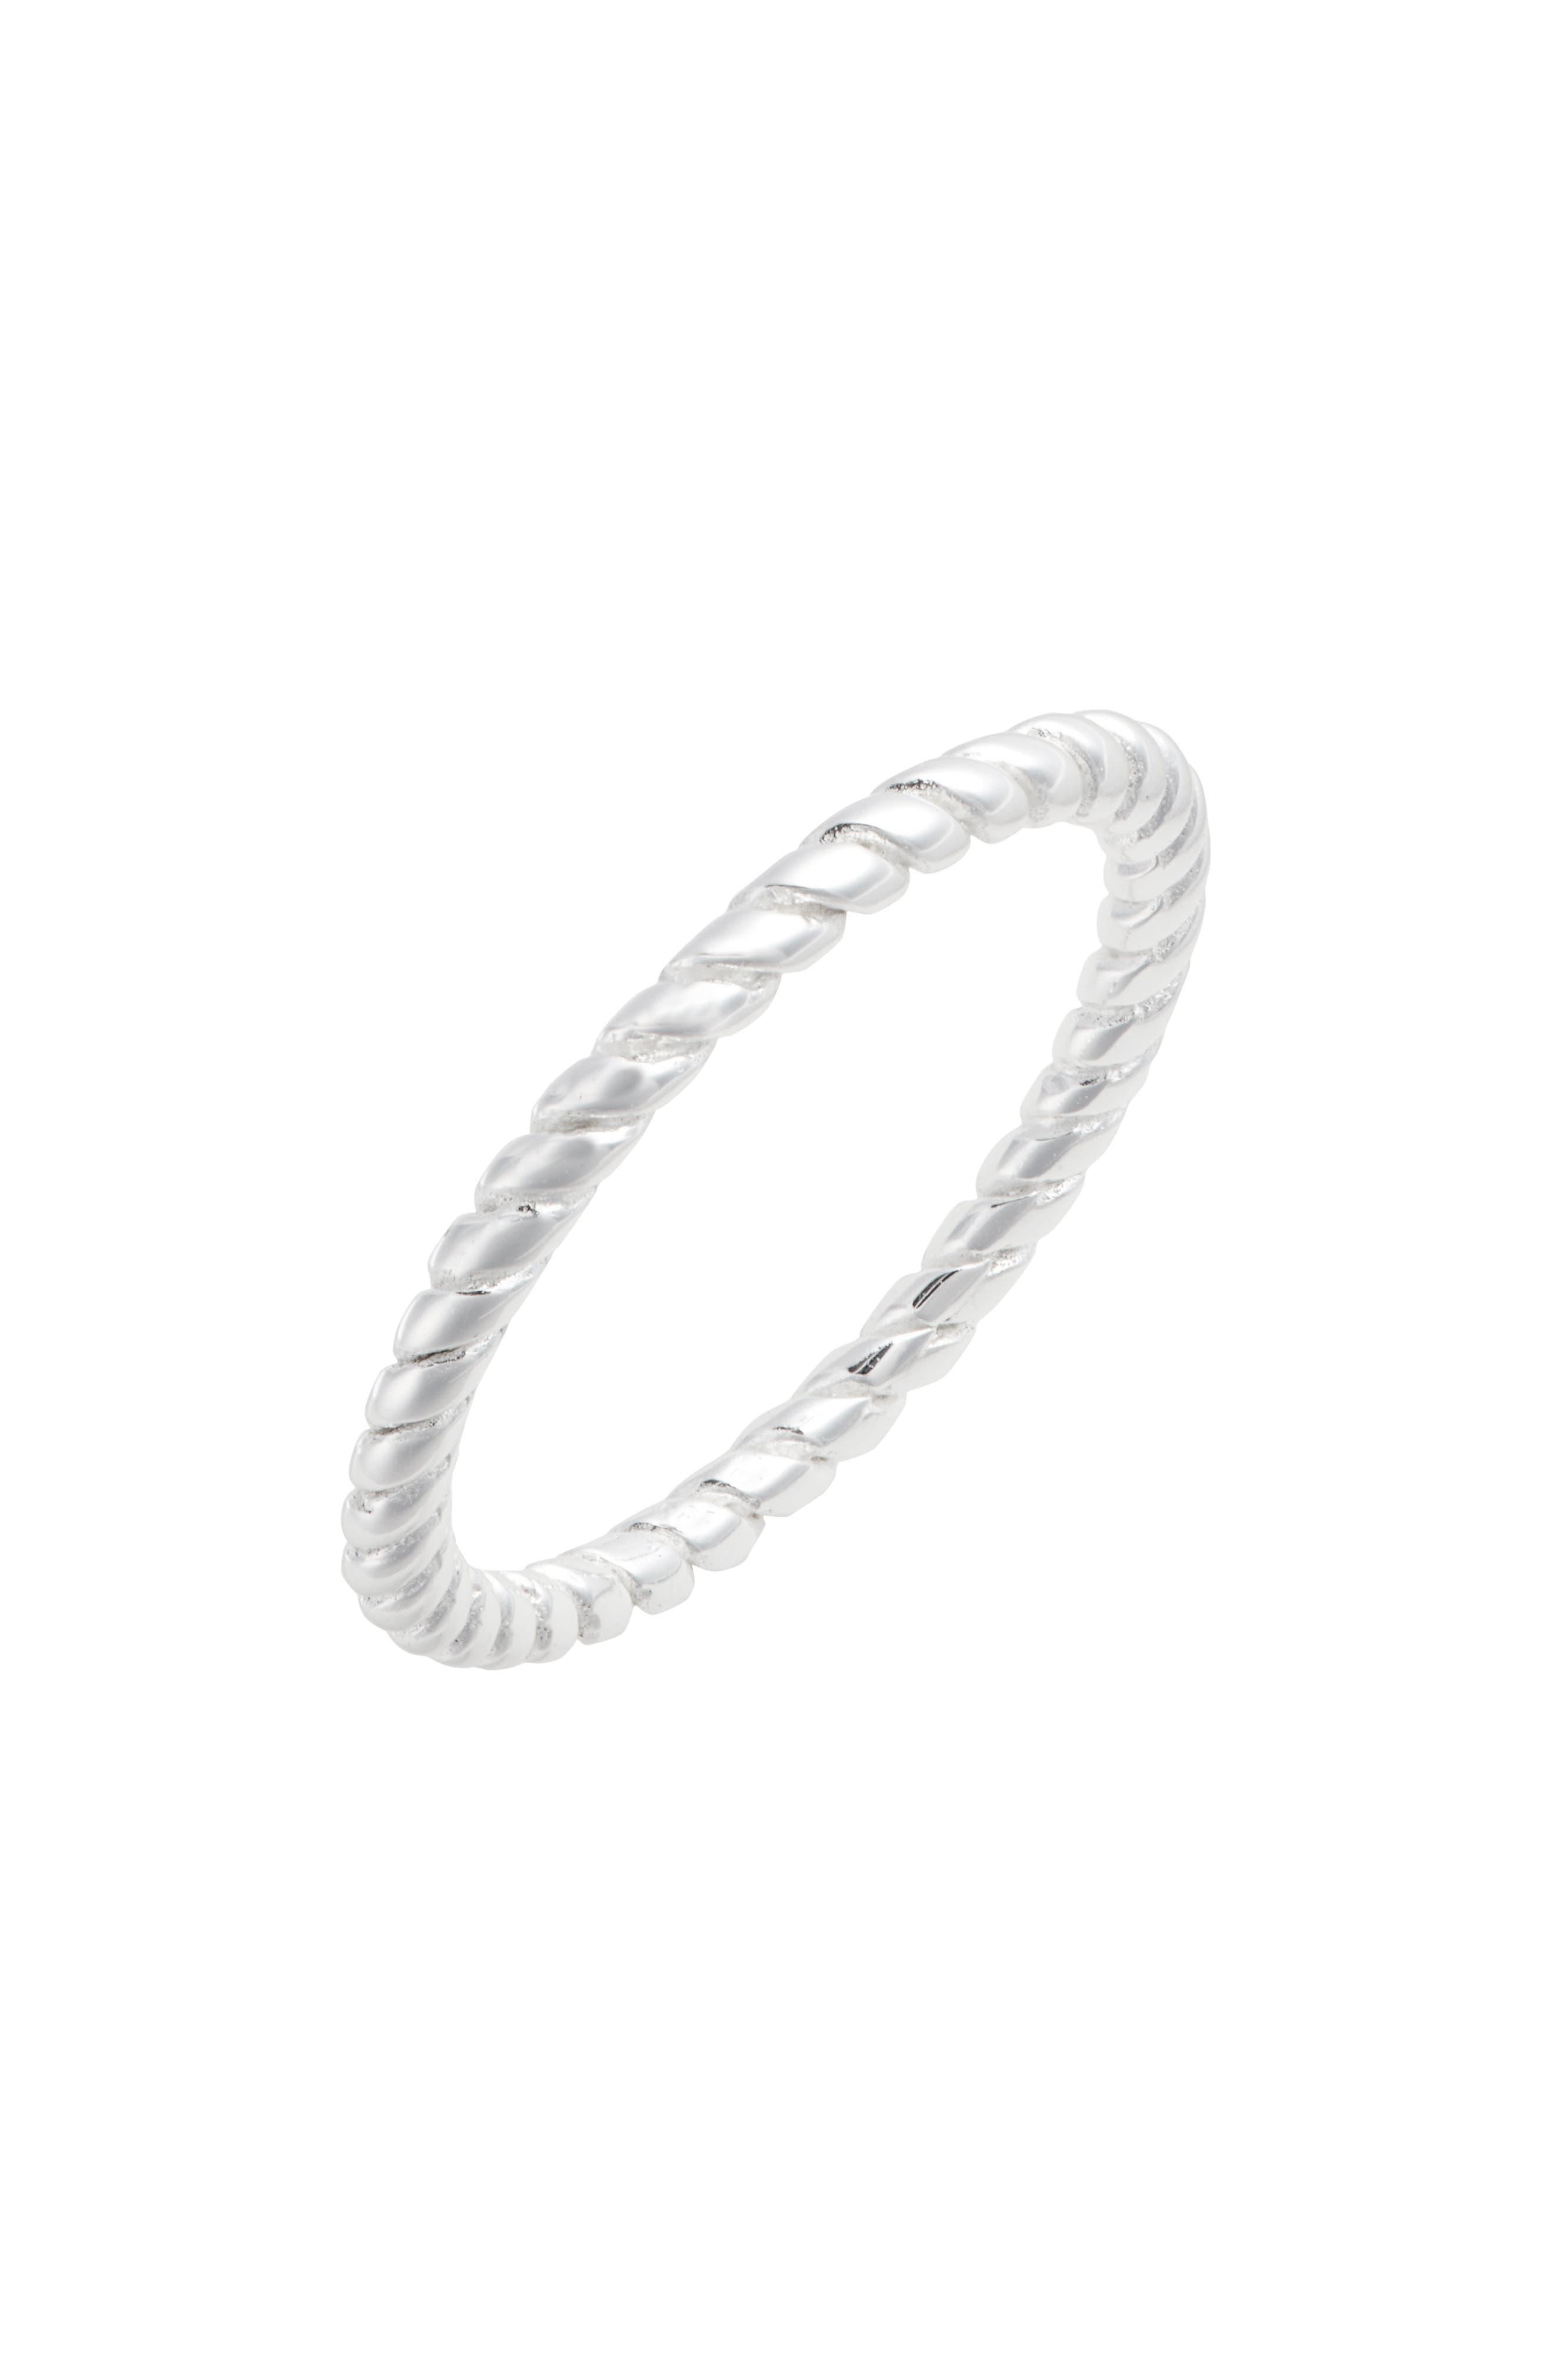 Dainty Rope Ring,                             Main thumbnail 1, color,                             SILVER